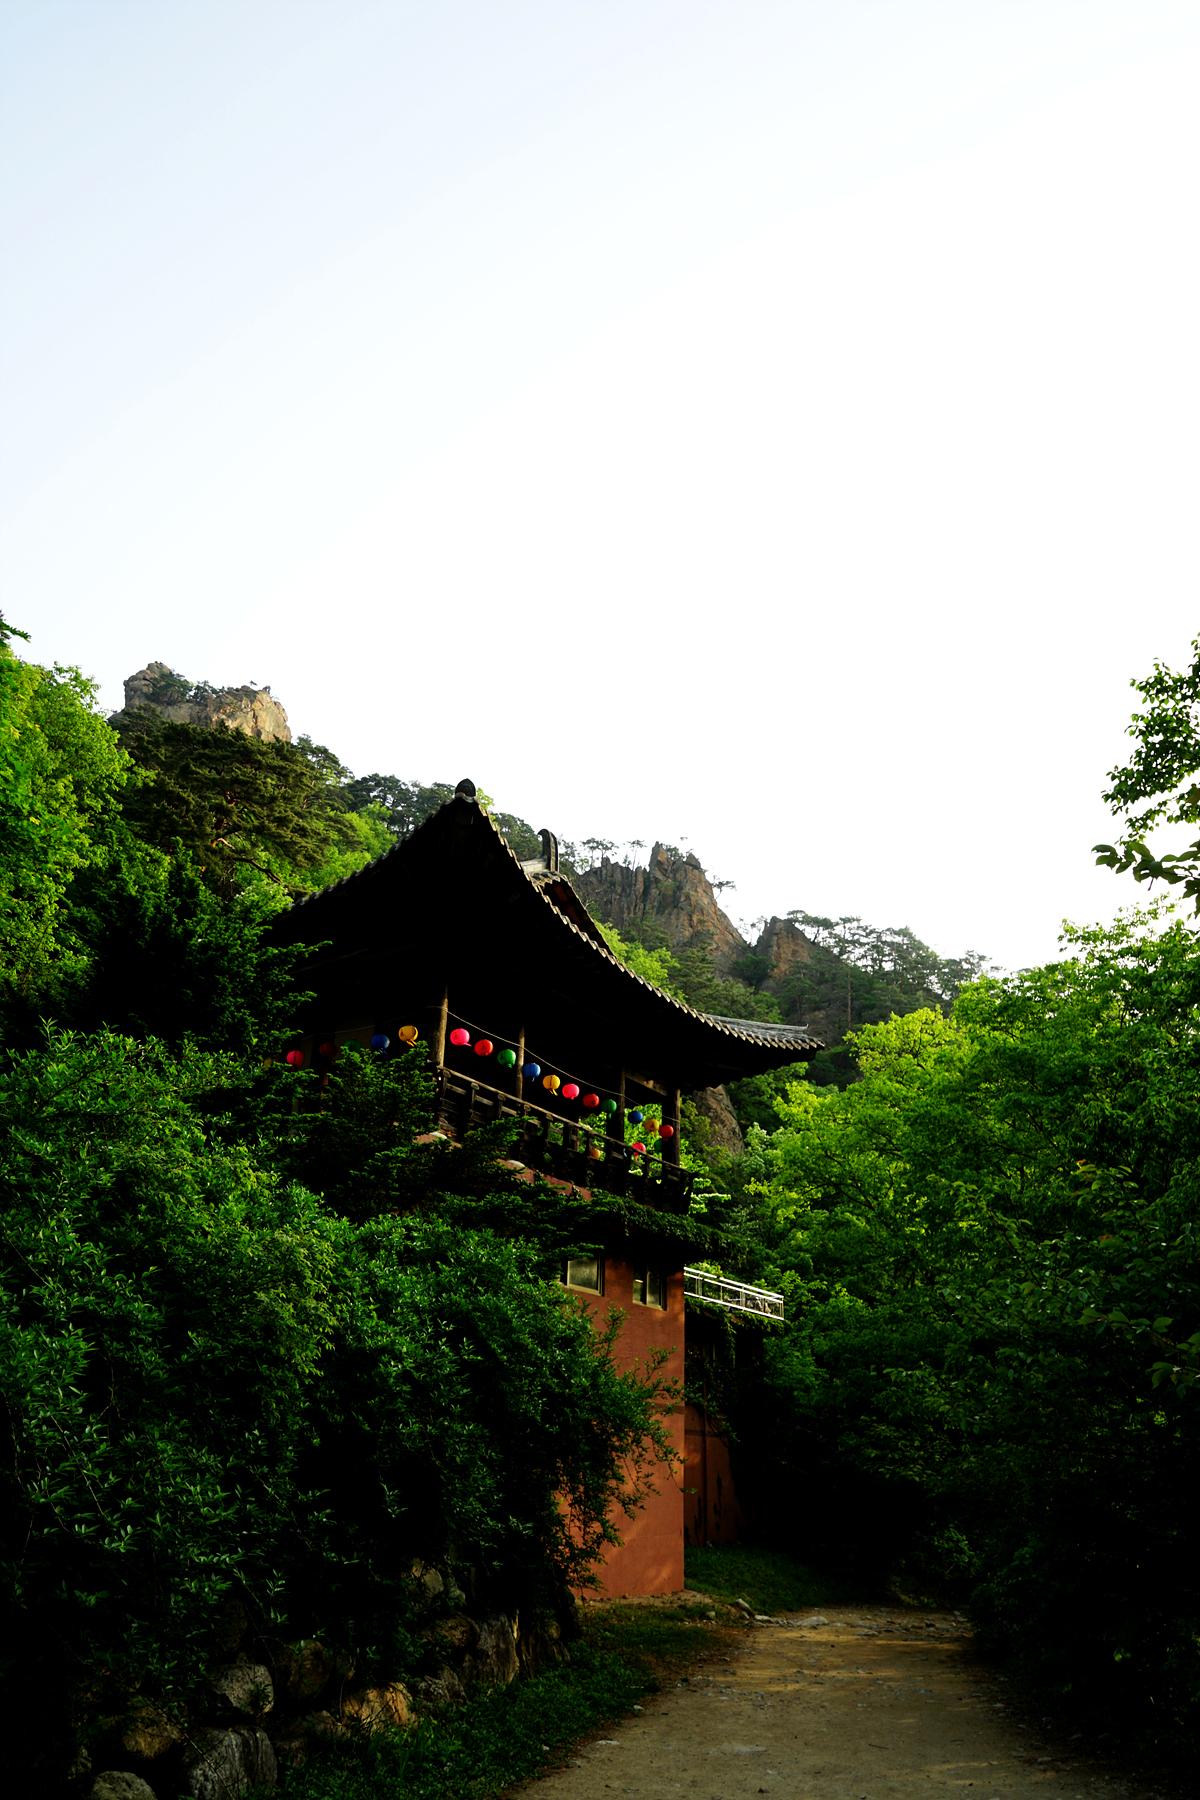 오색 성국사의 아침 풍경